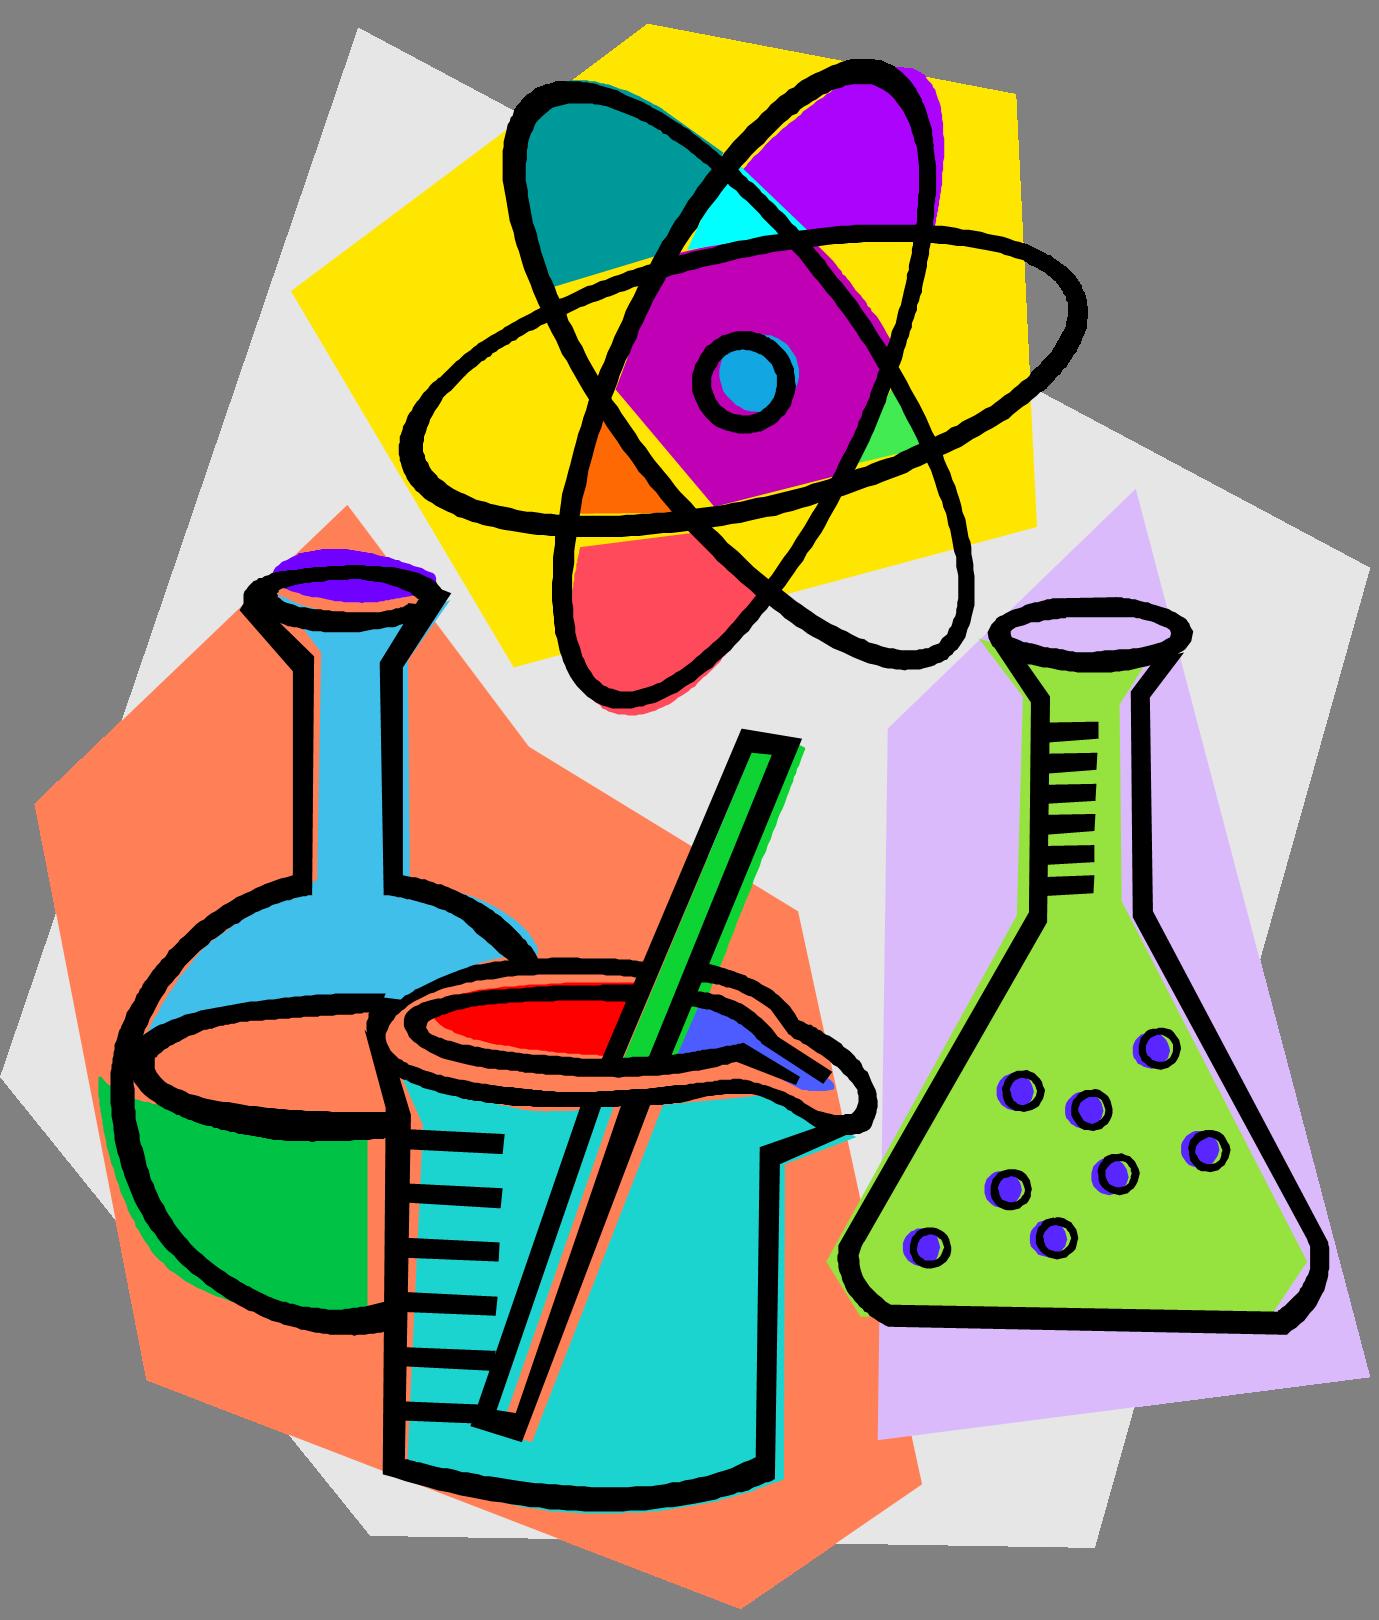 Lab clipart physical science. Resultado de imagen para